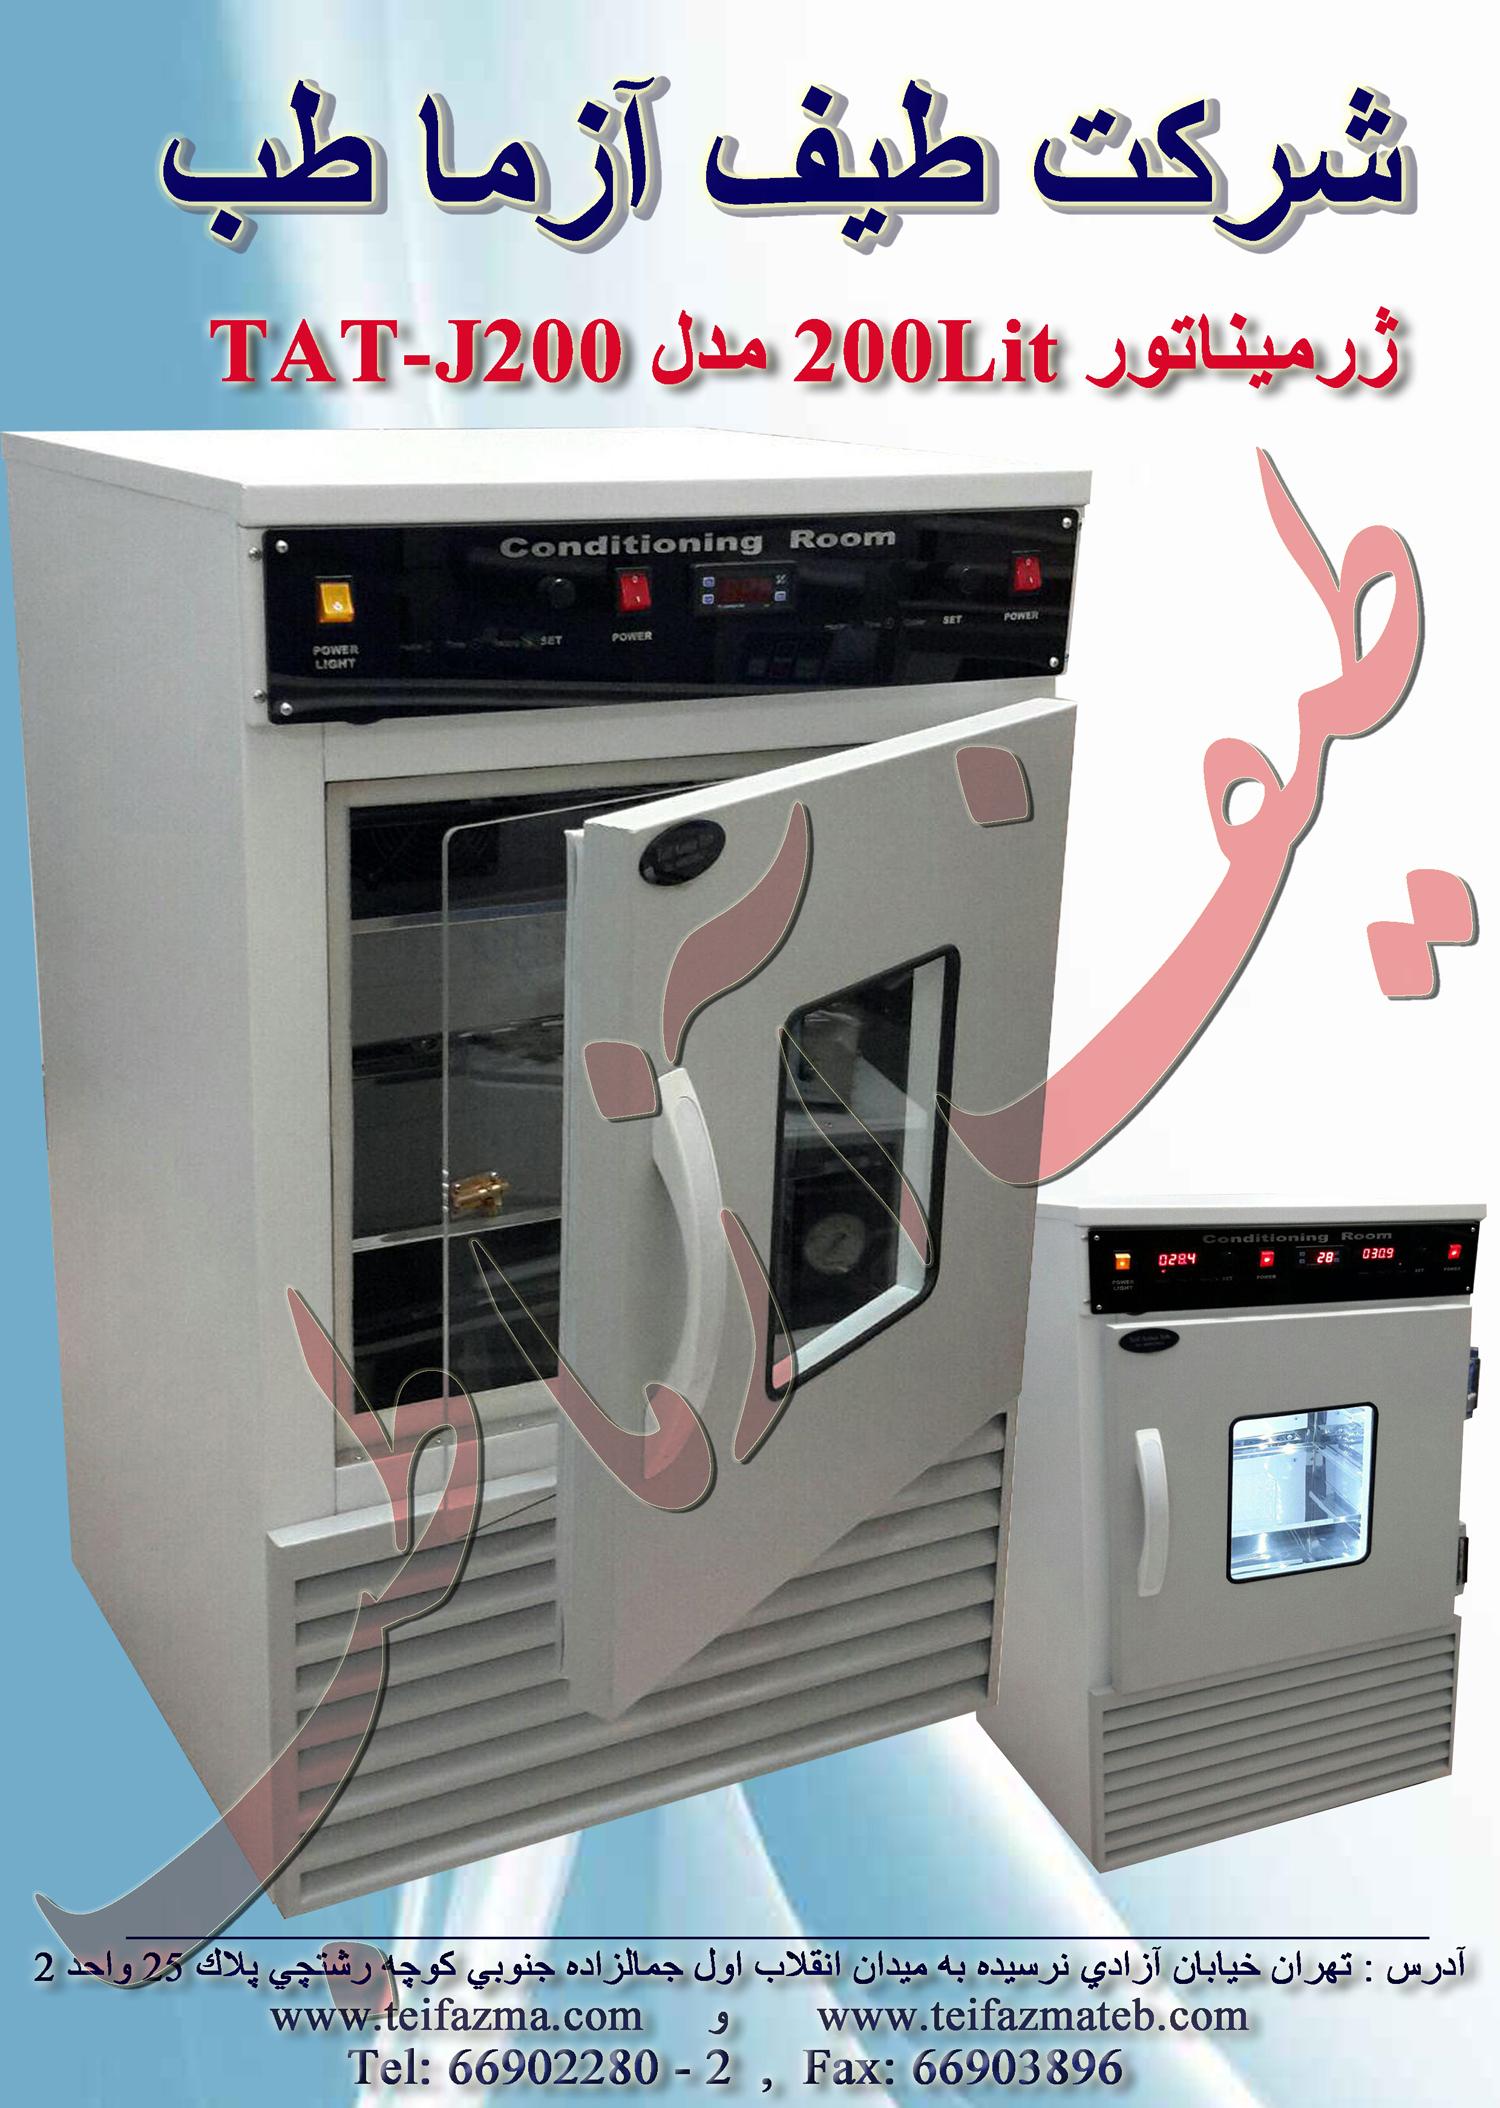 دستگاه ژرميناتور 200 ليتر